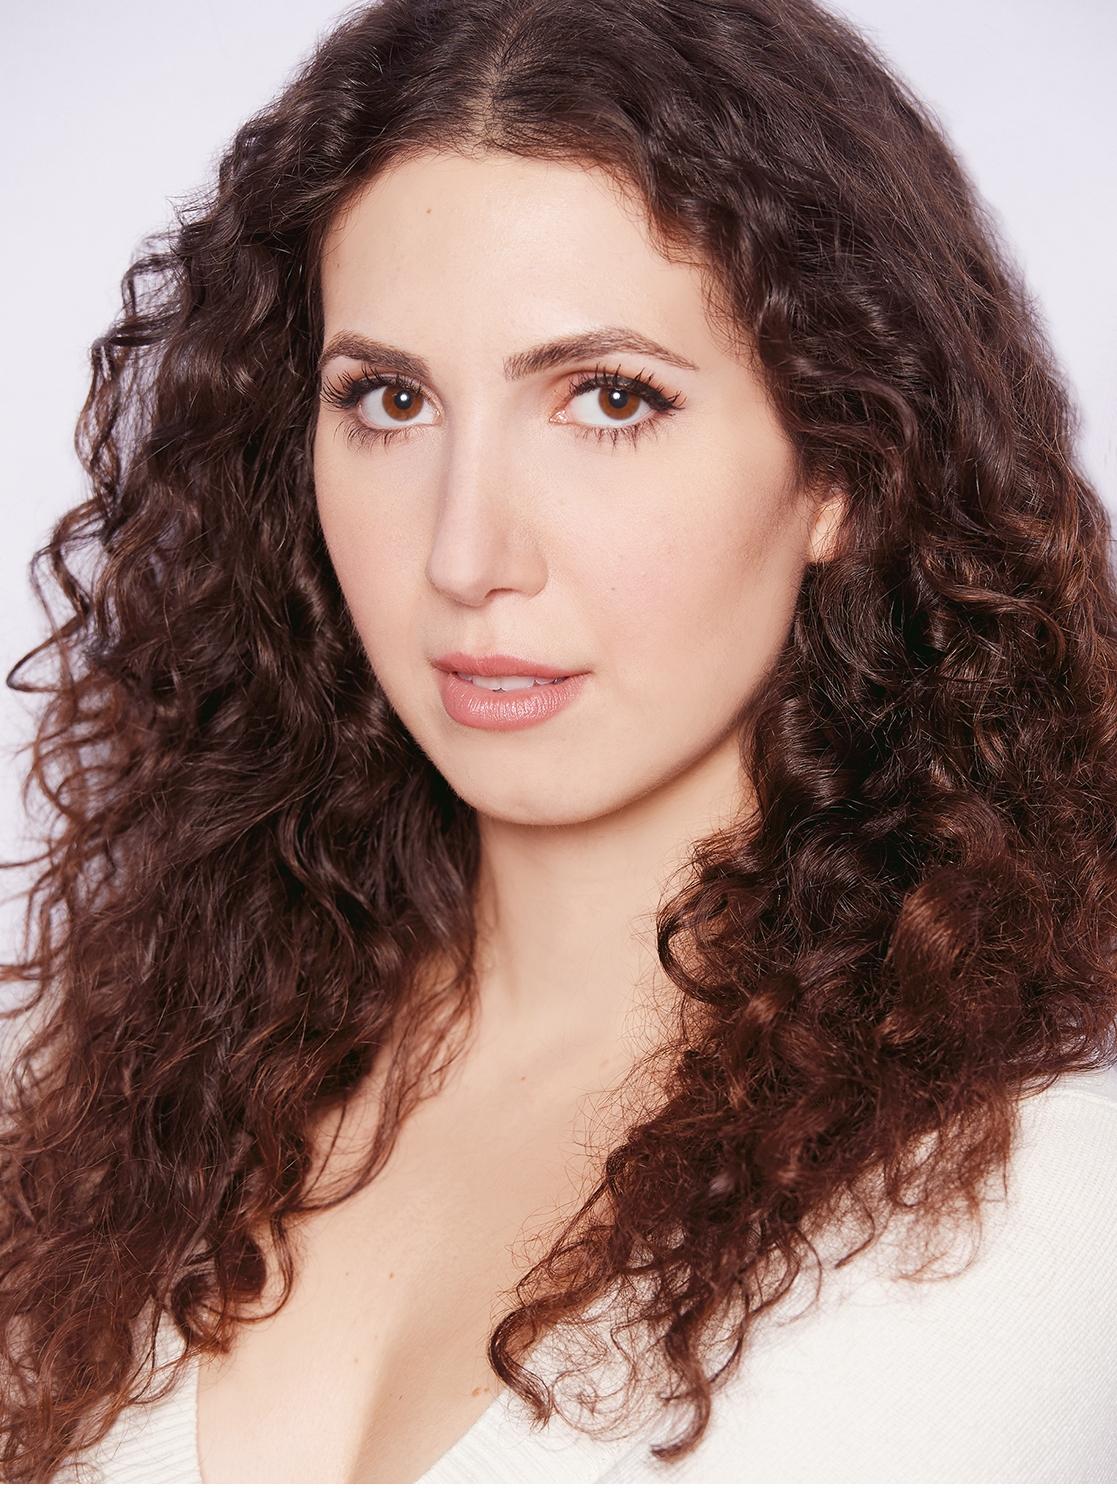 Sara Shanazarian